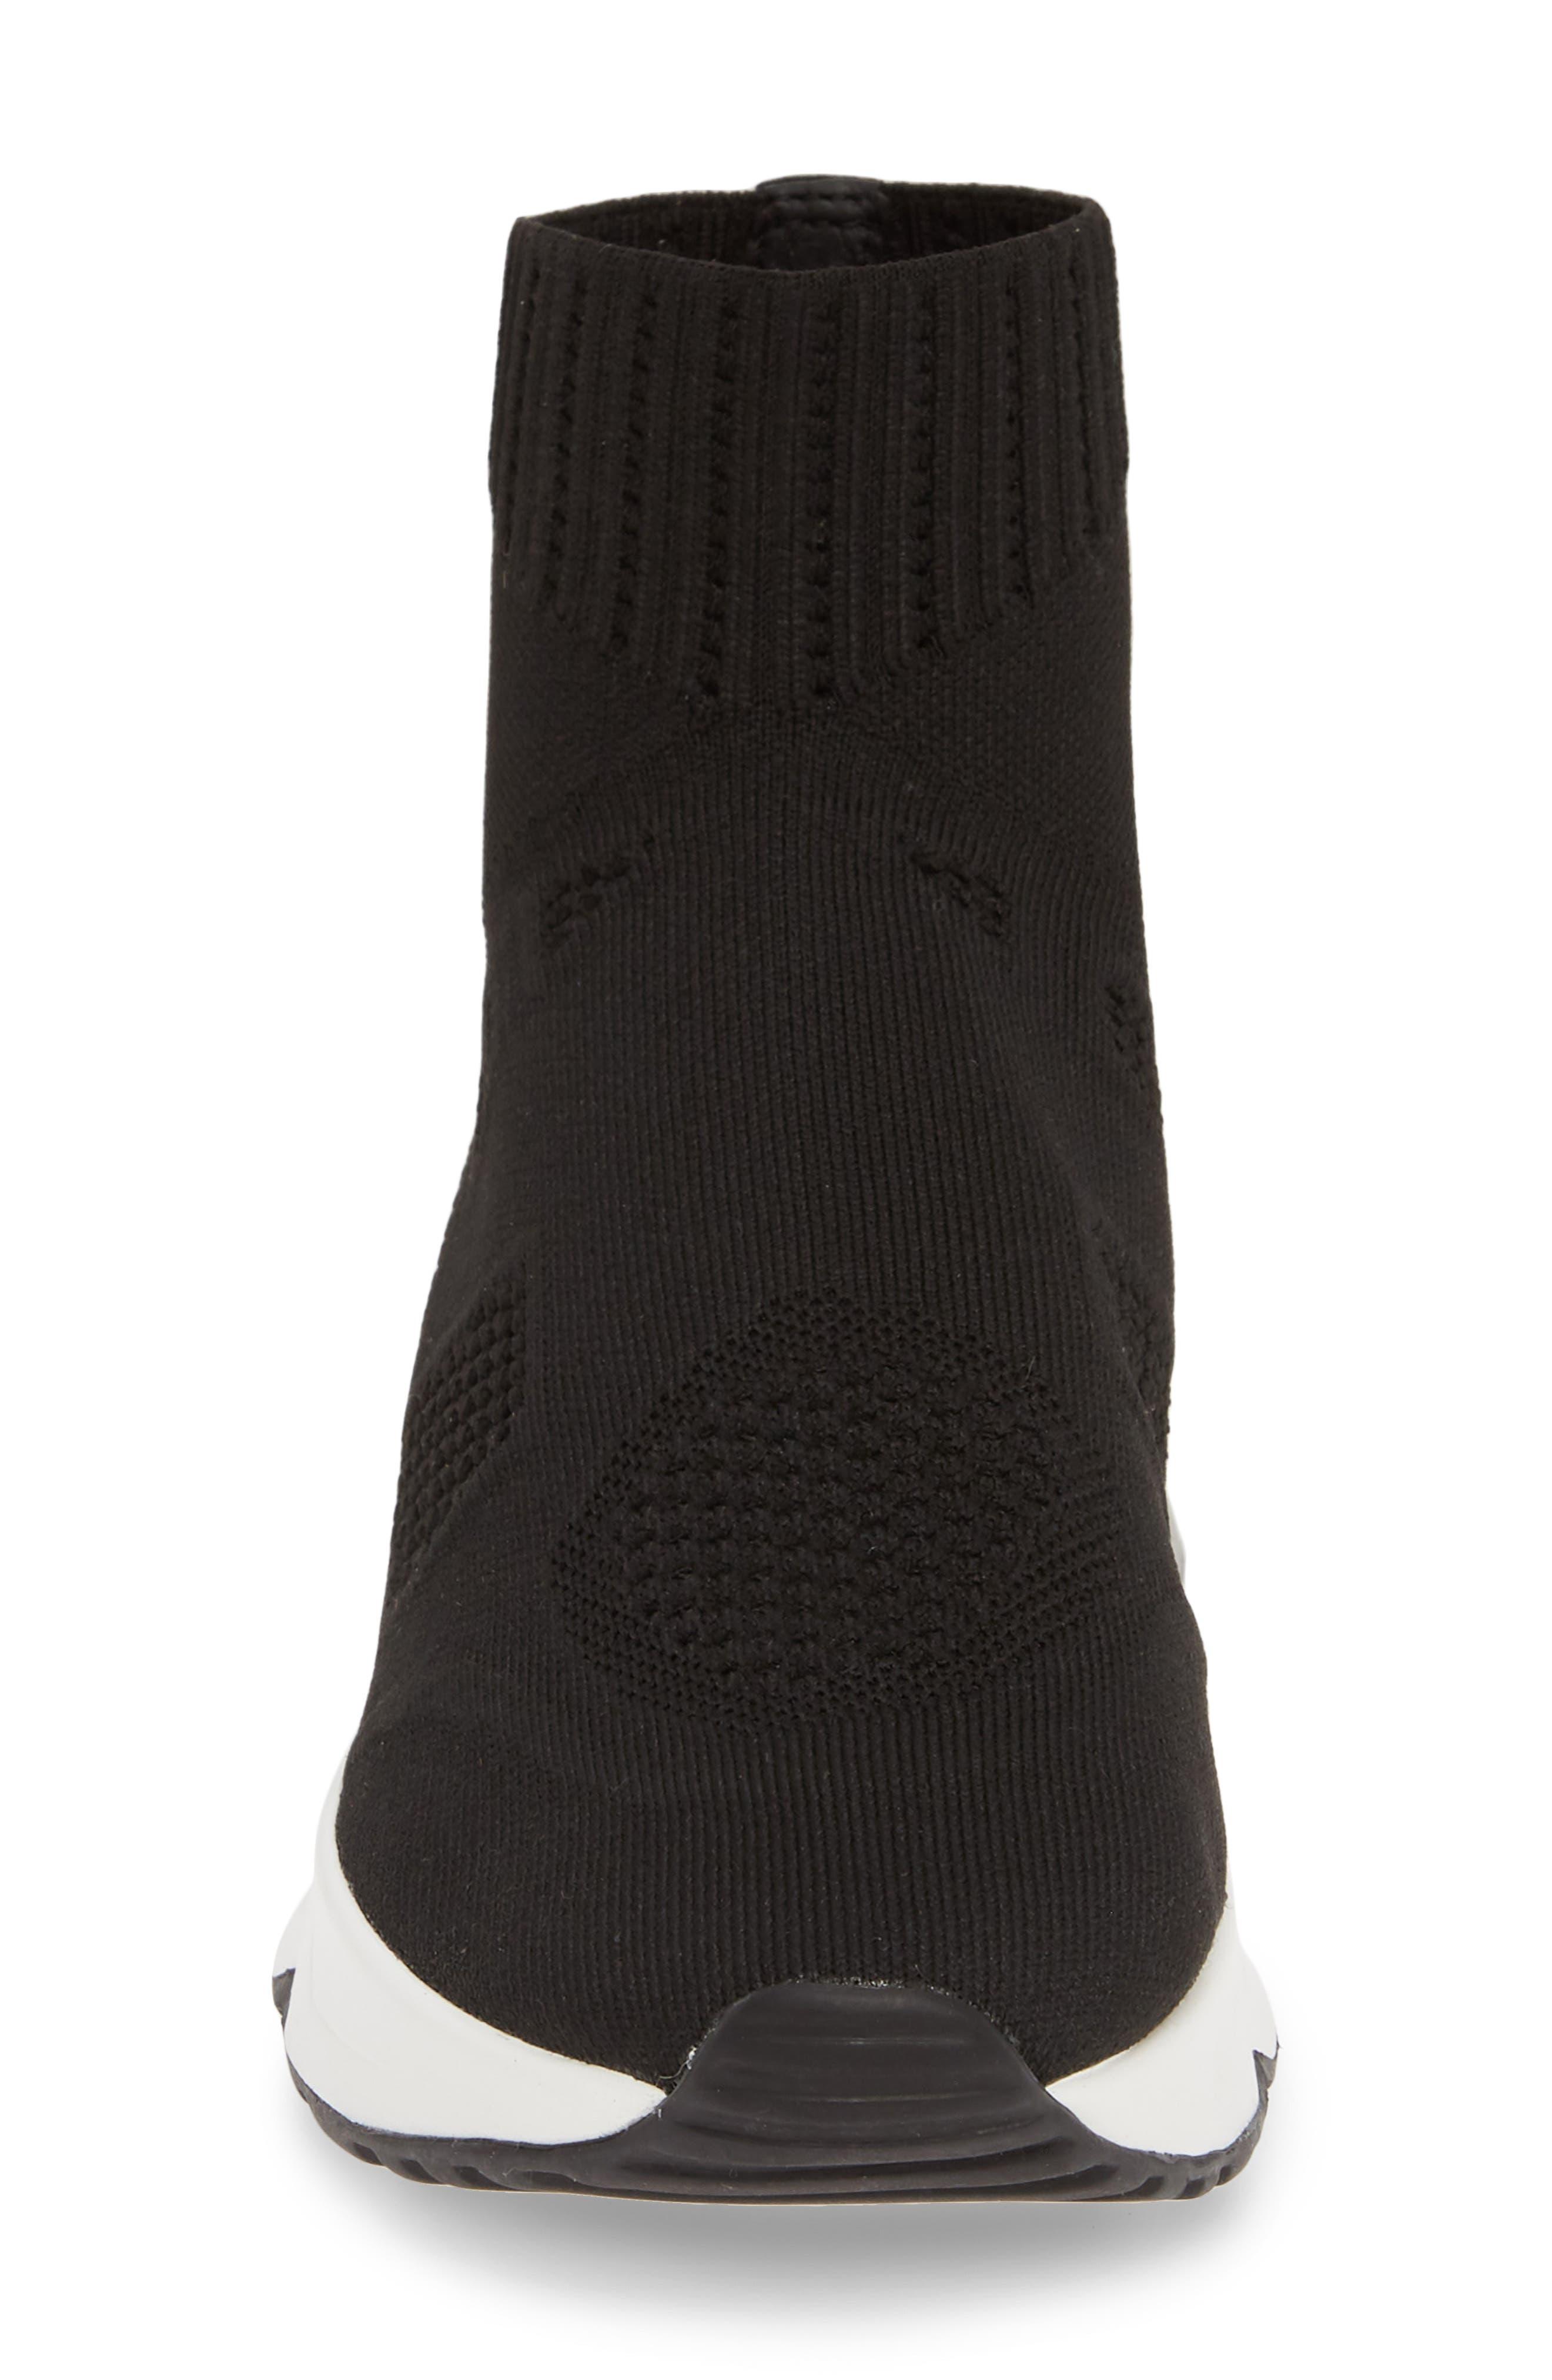 ASH, Knit Sneaker Bootie, Alternate thumbnail 4, color, BLACK